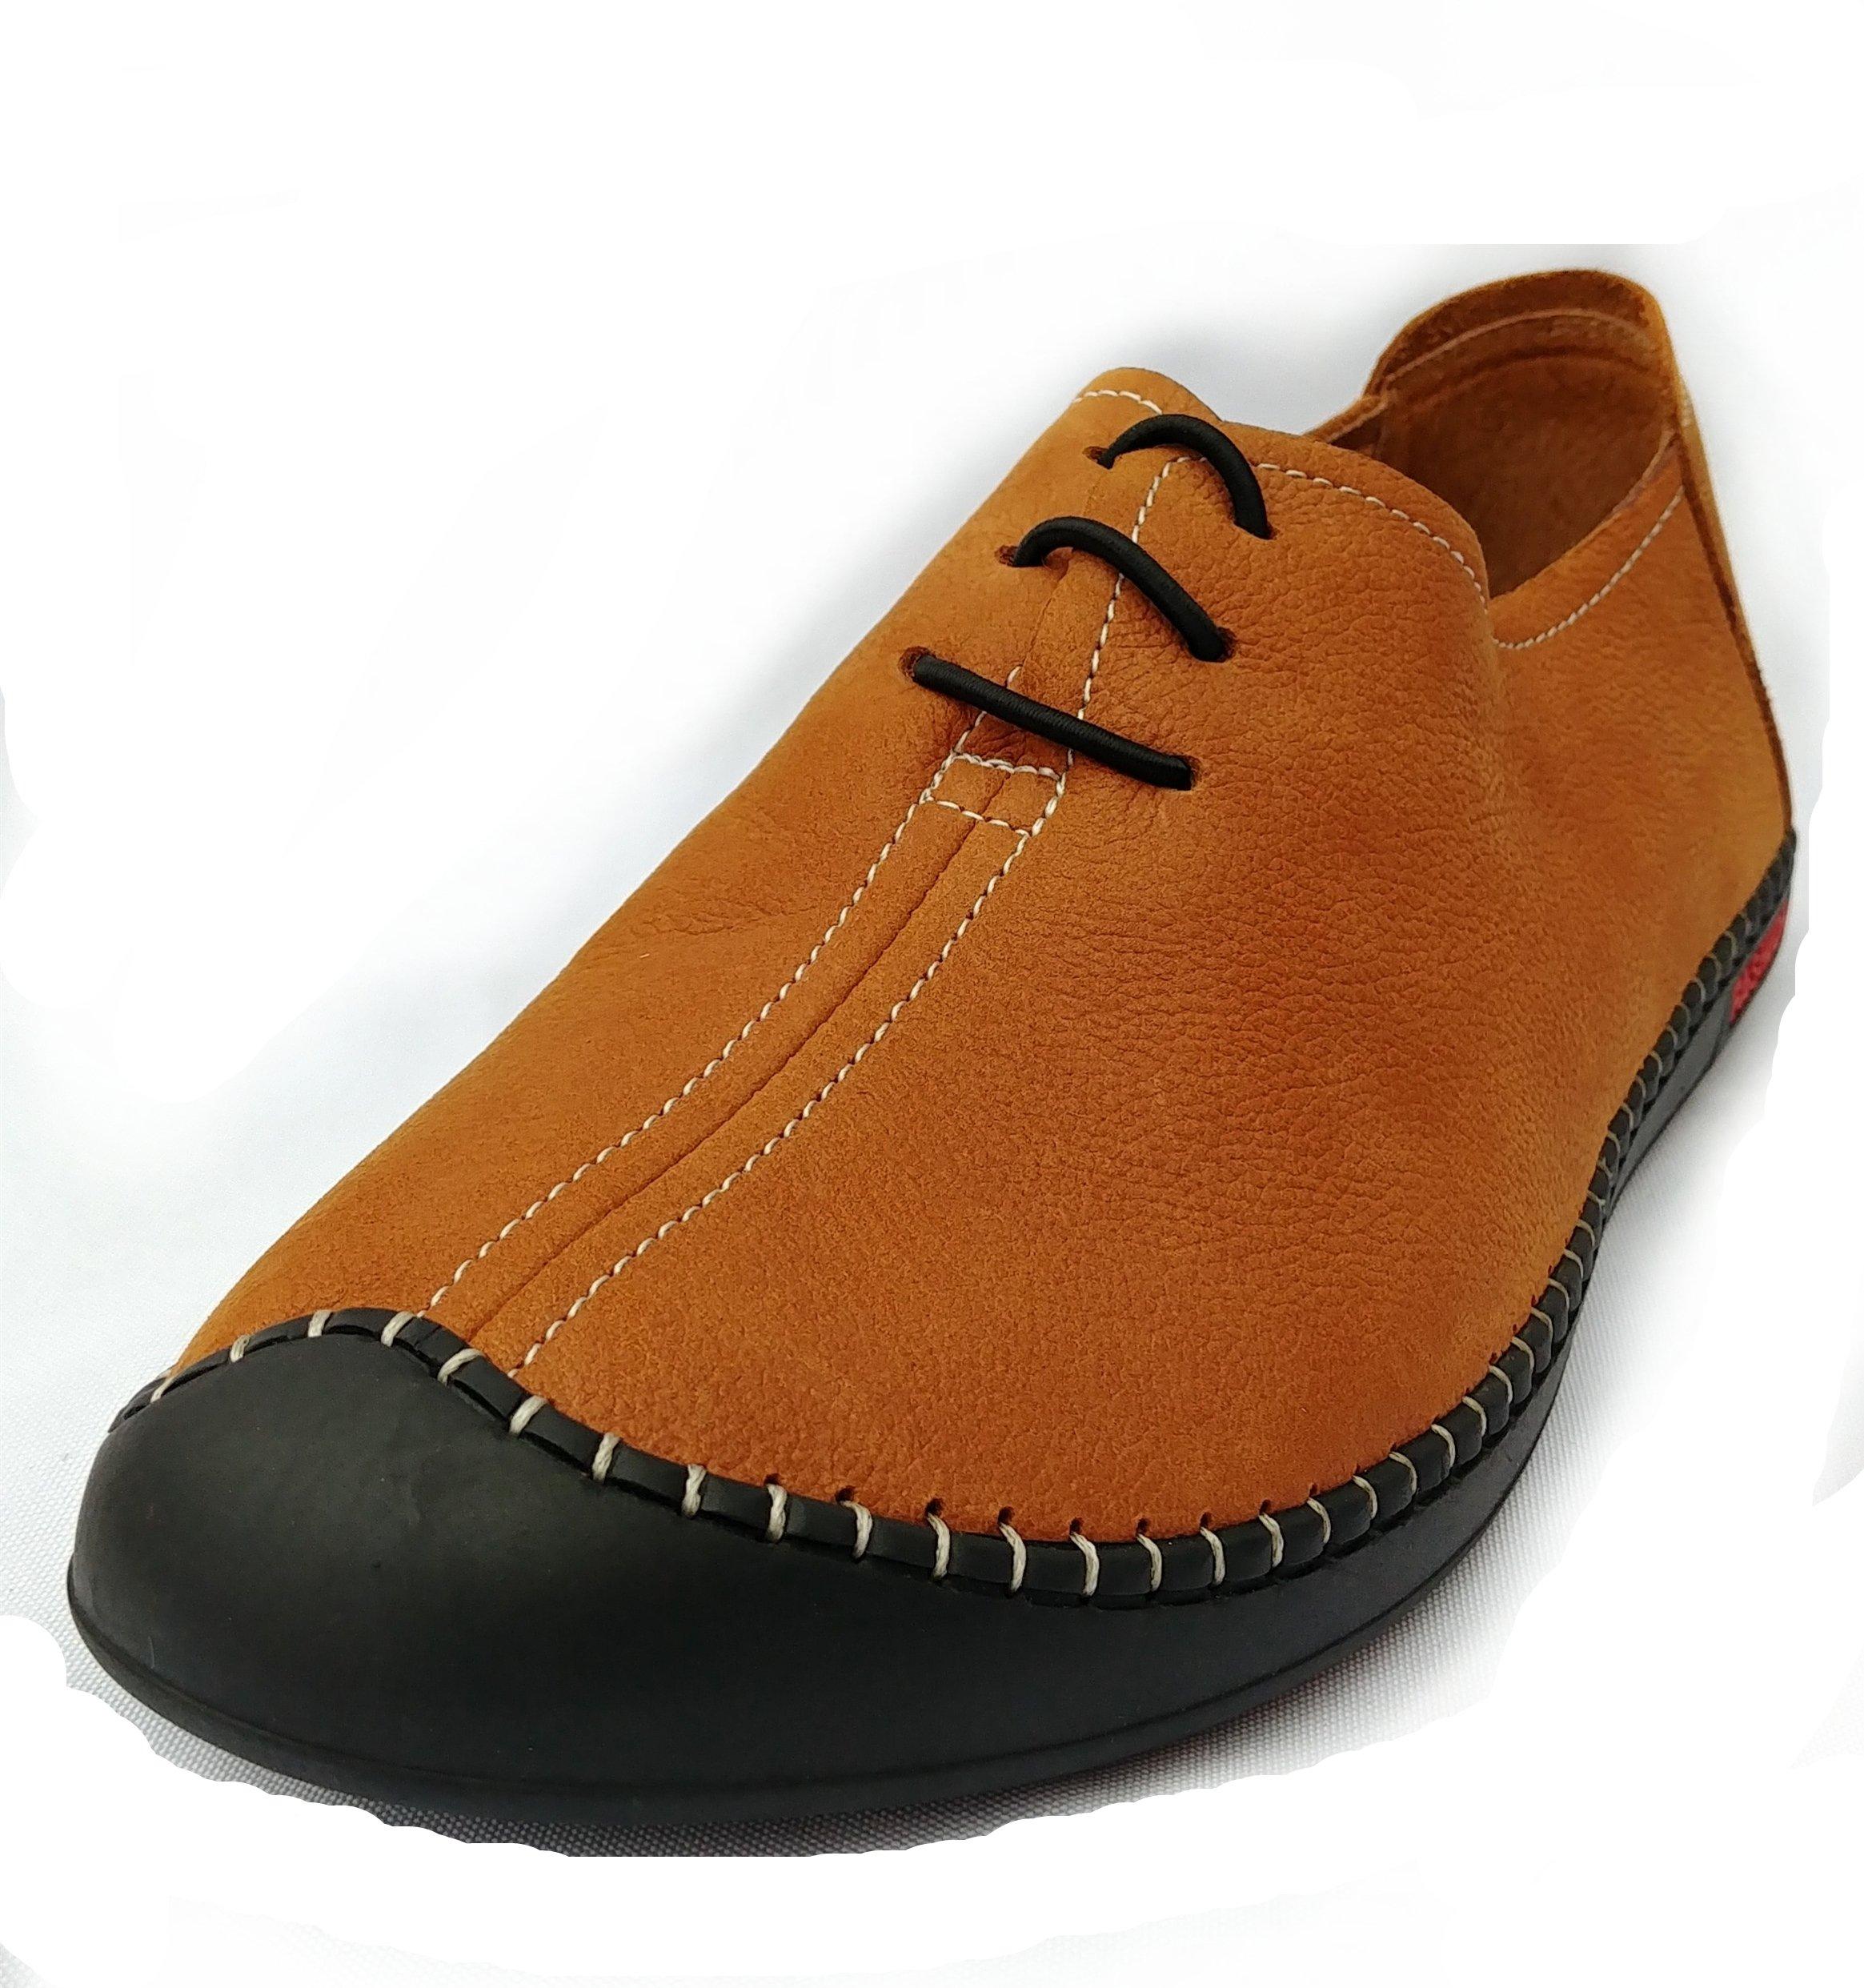 Shoioi Men's Casual Oxford Shoes Flat Fashion Sneakers (EU 42/US 9-9.5, Brown)